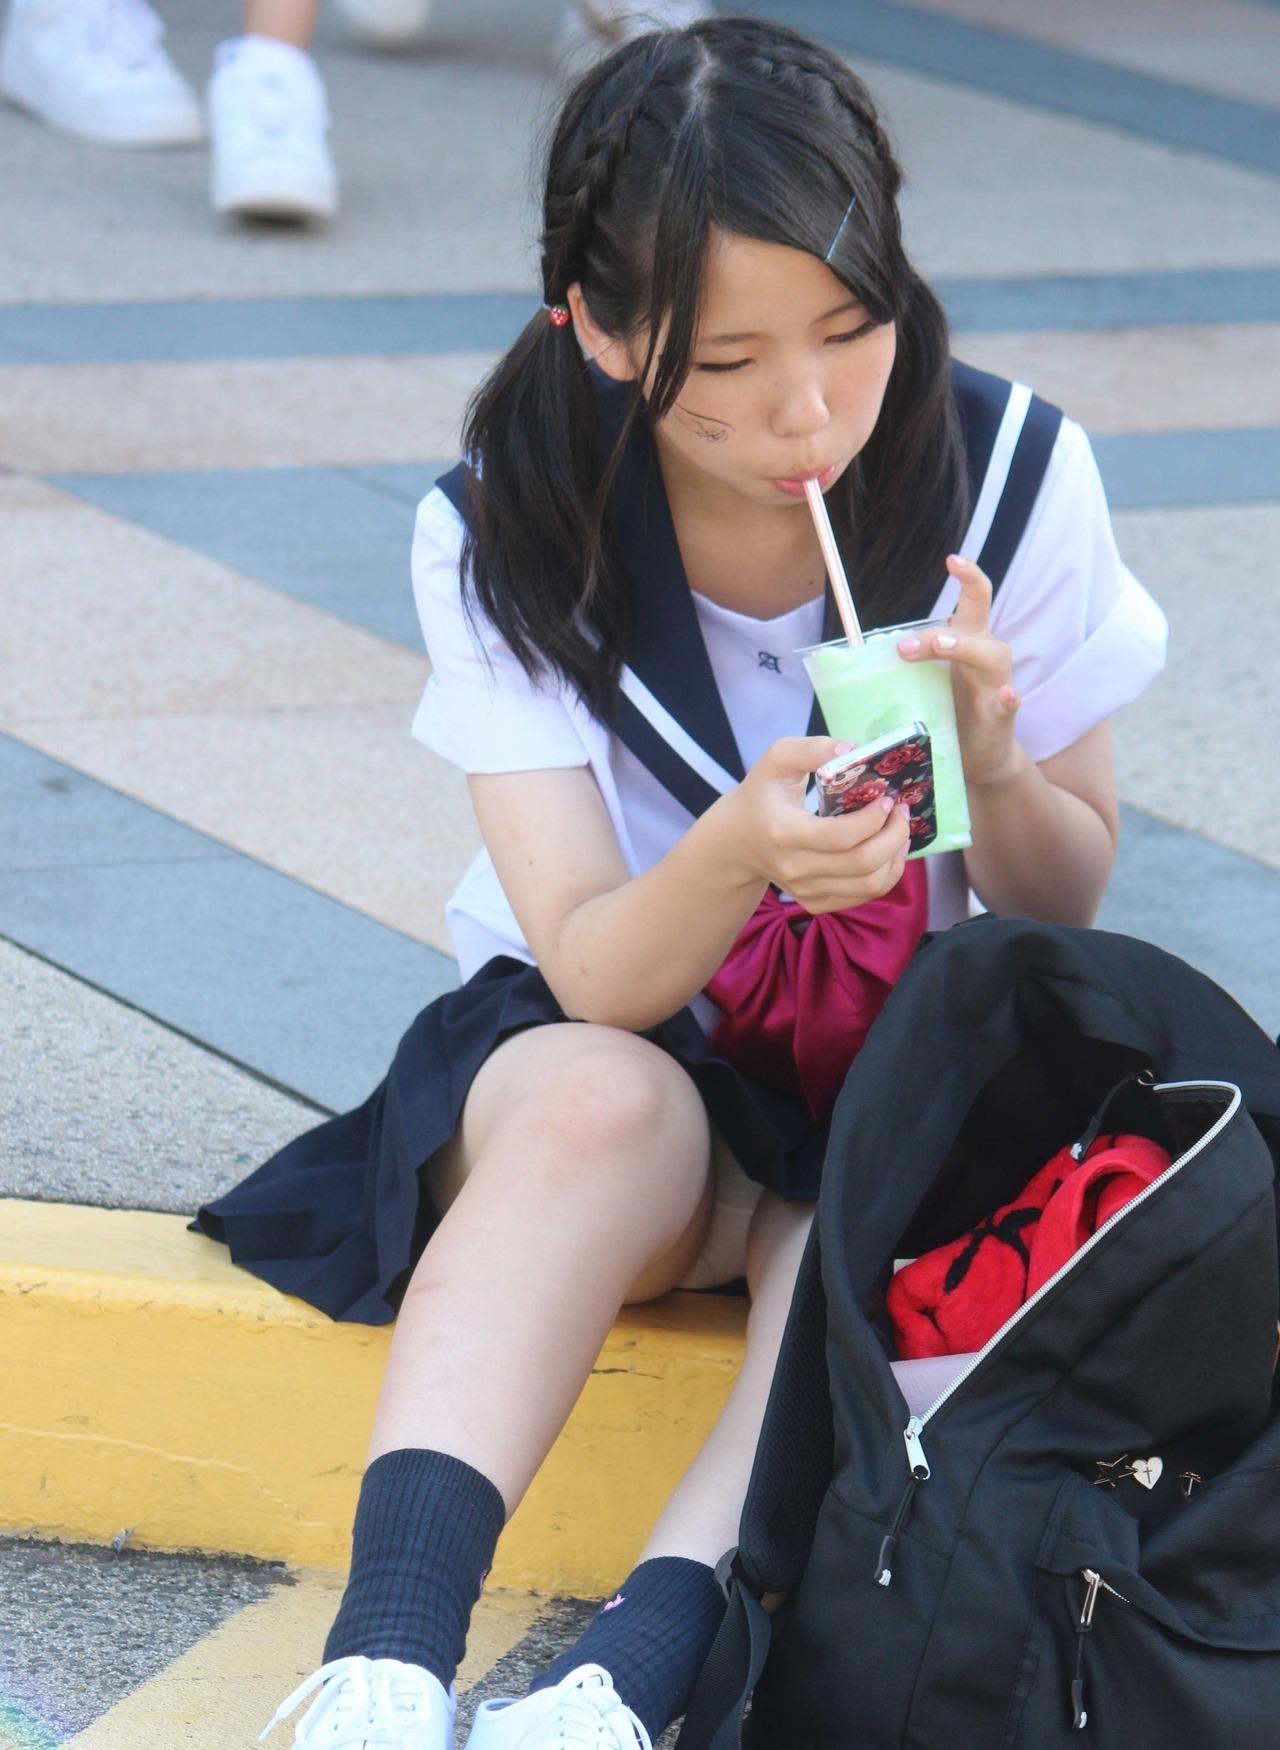 Японская школьница засветила под юбкой белые трусики